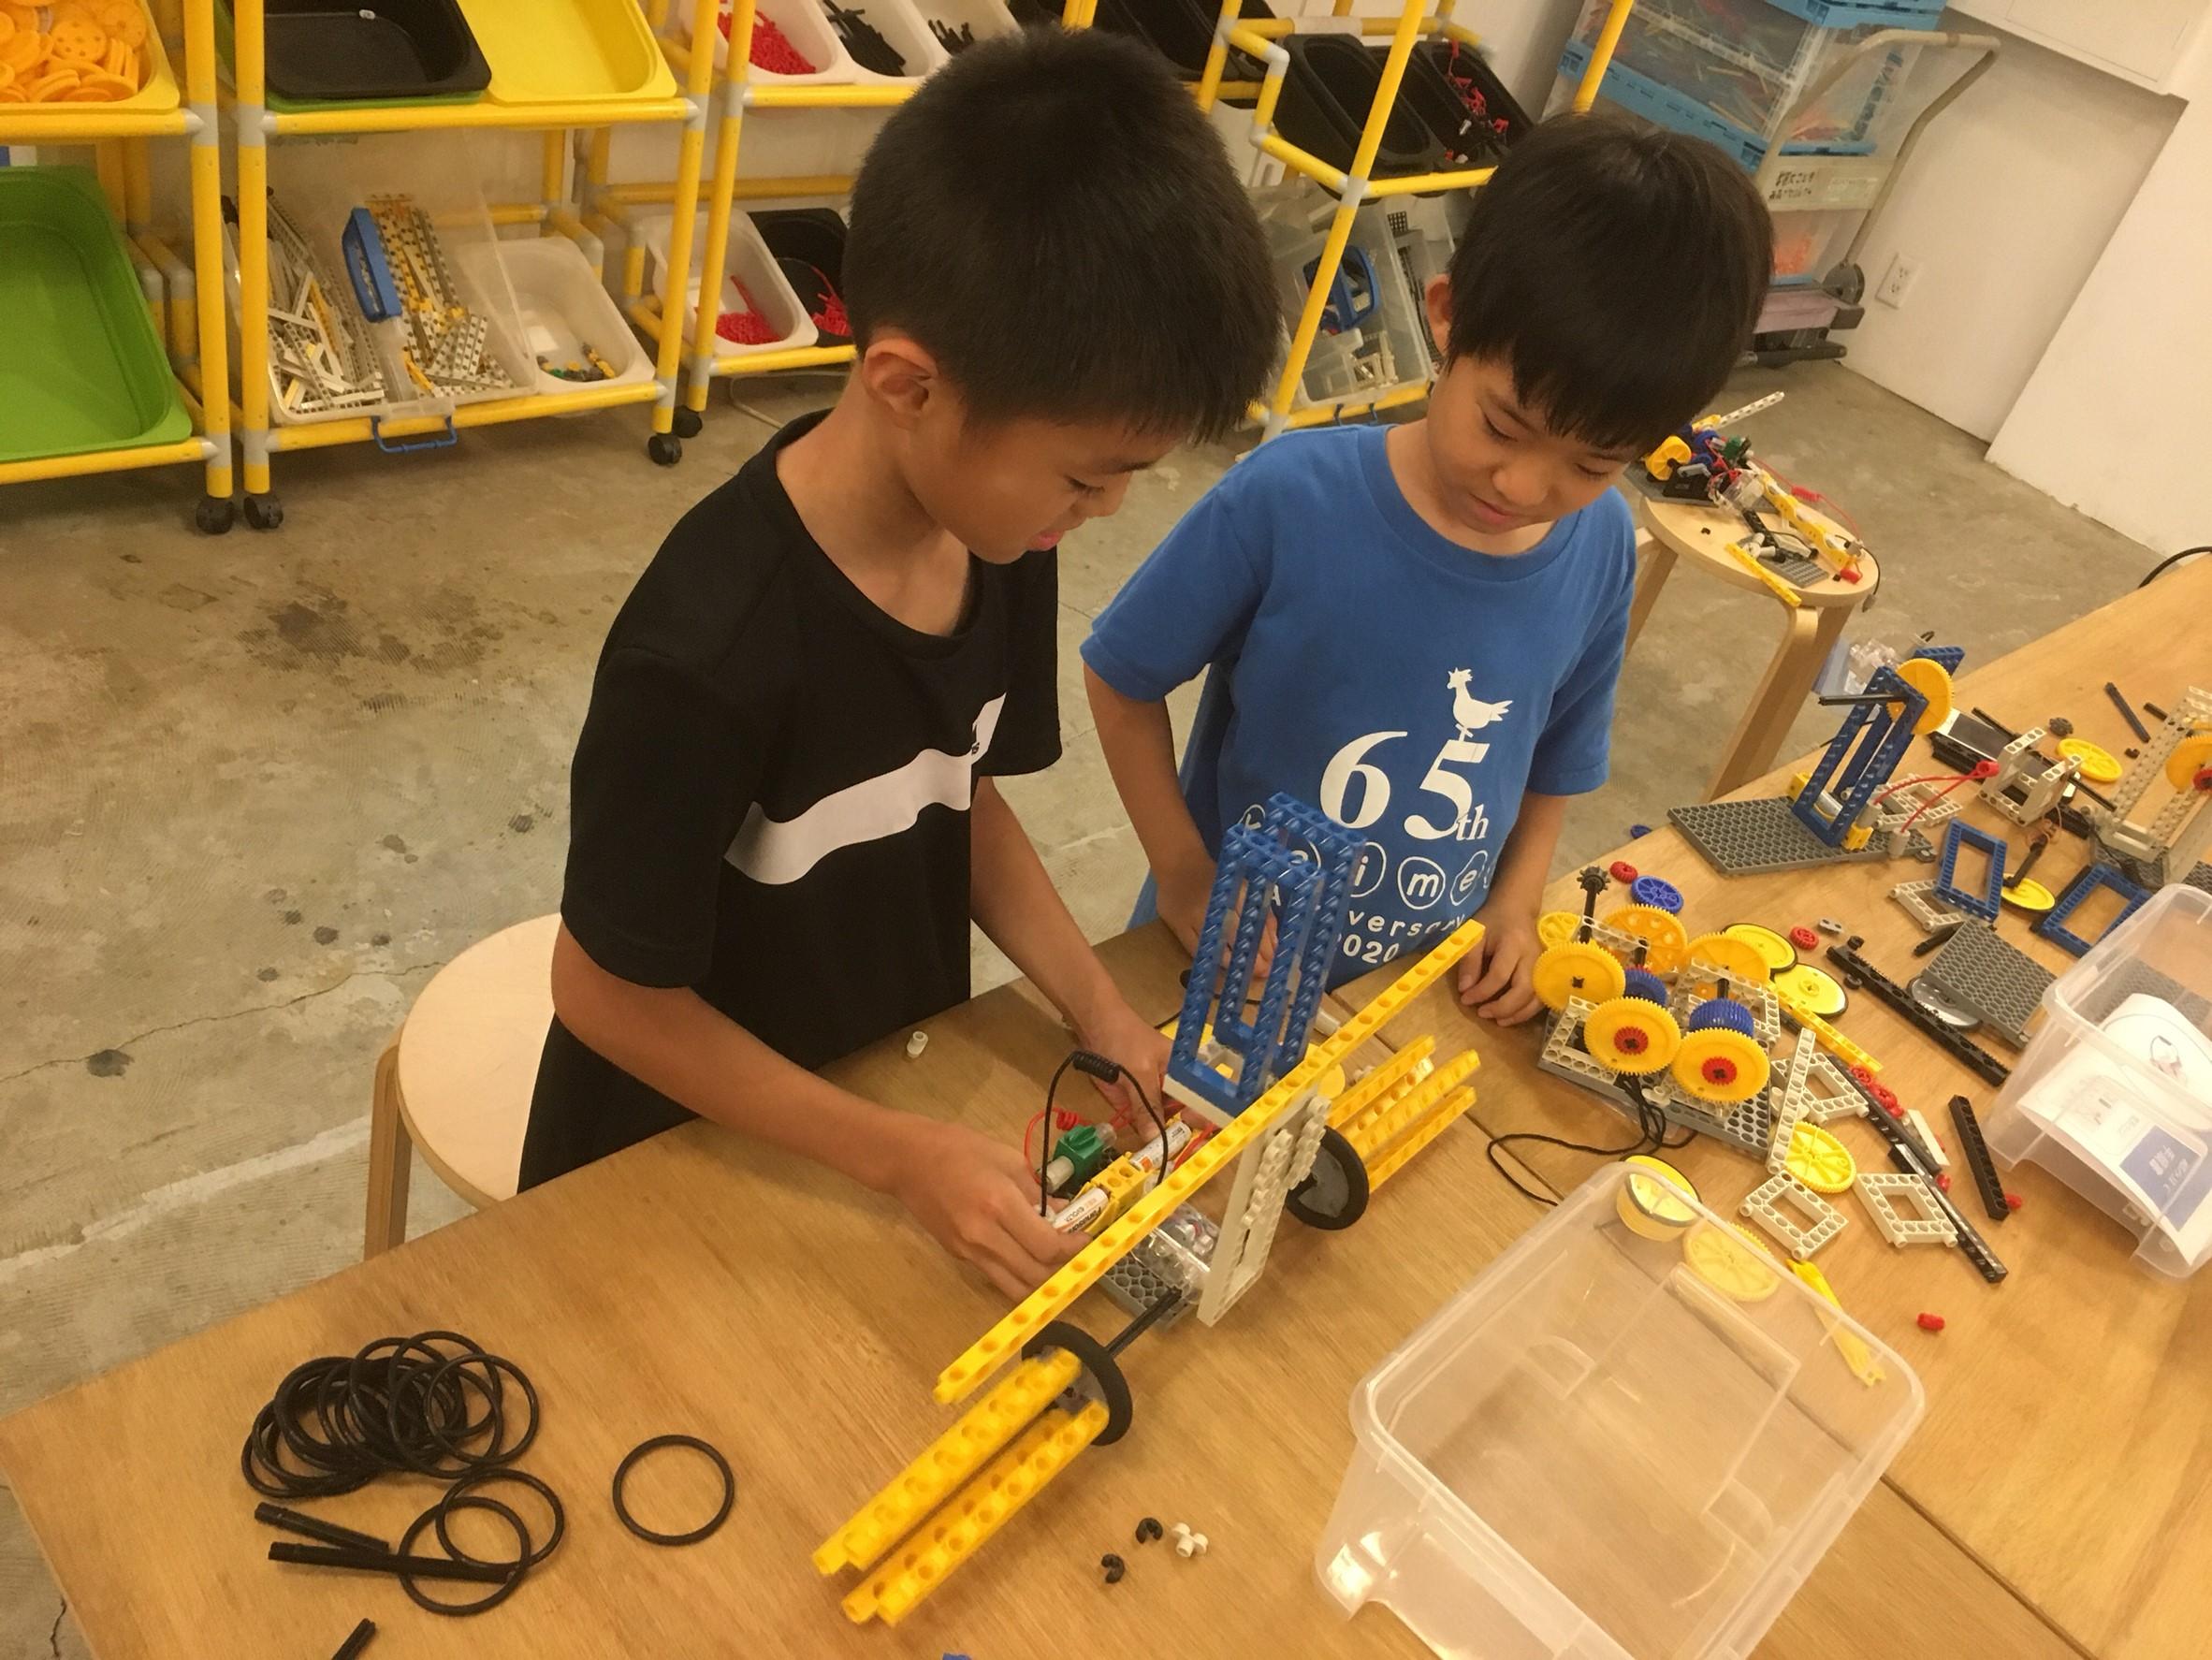 科学おもちゃで遊ぶ子供